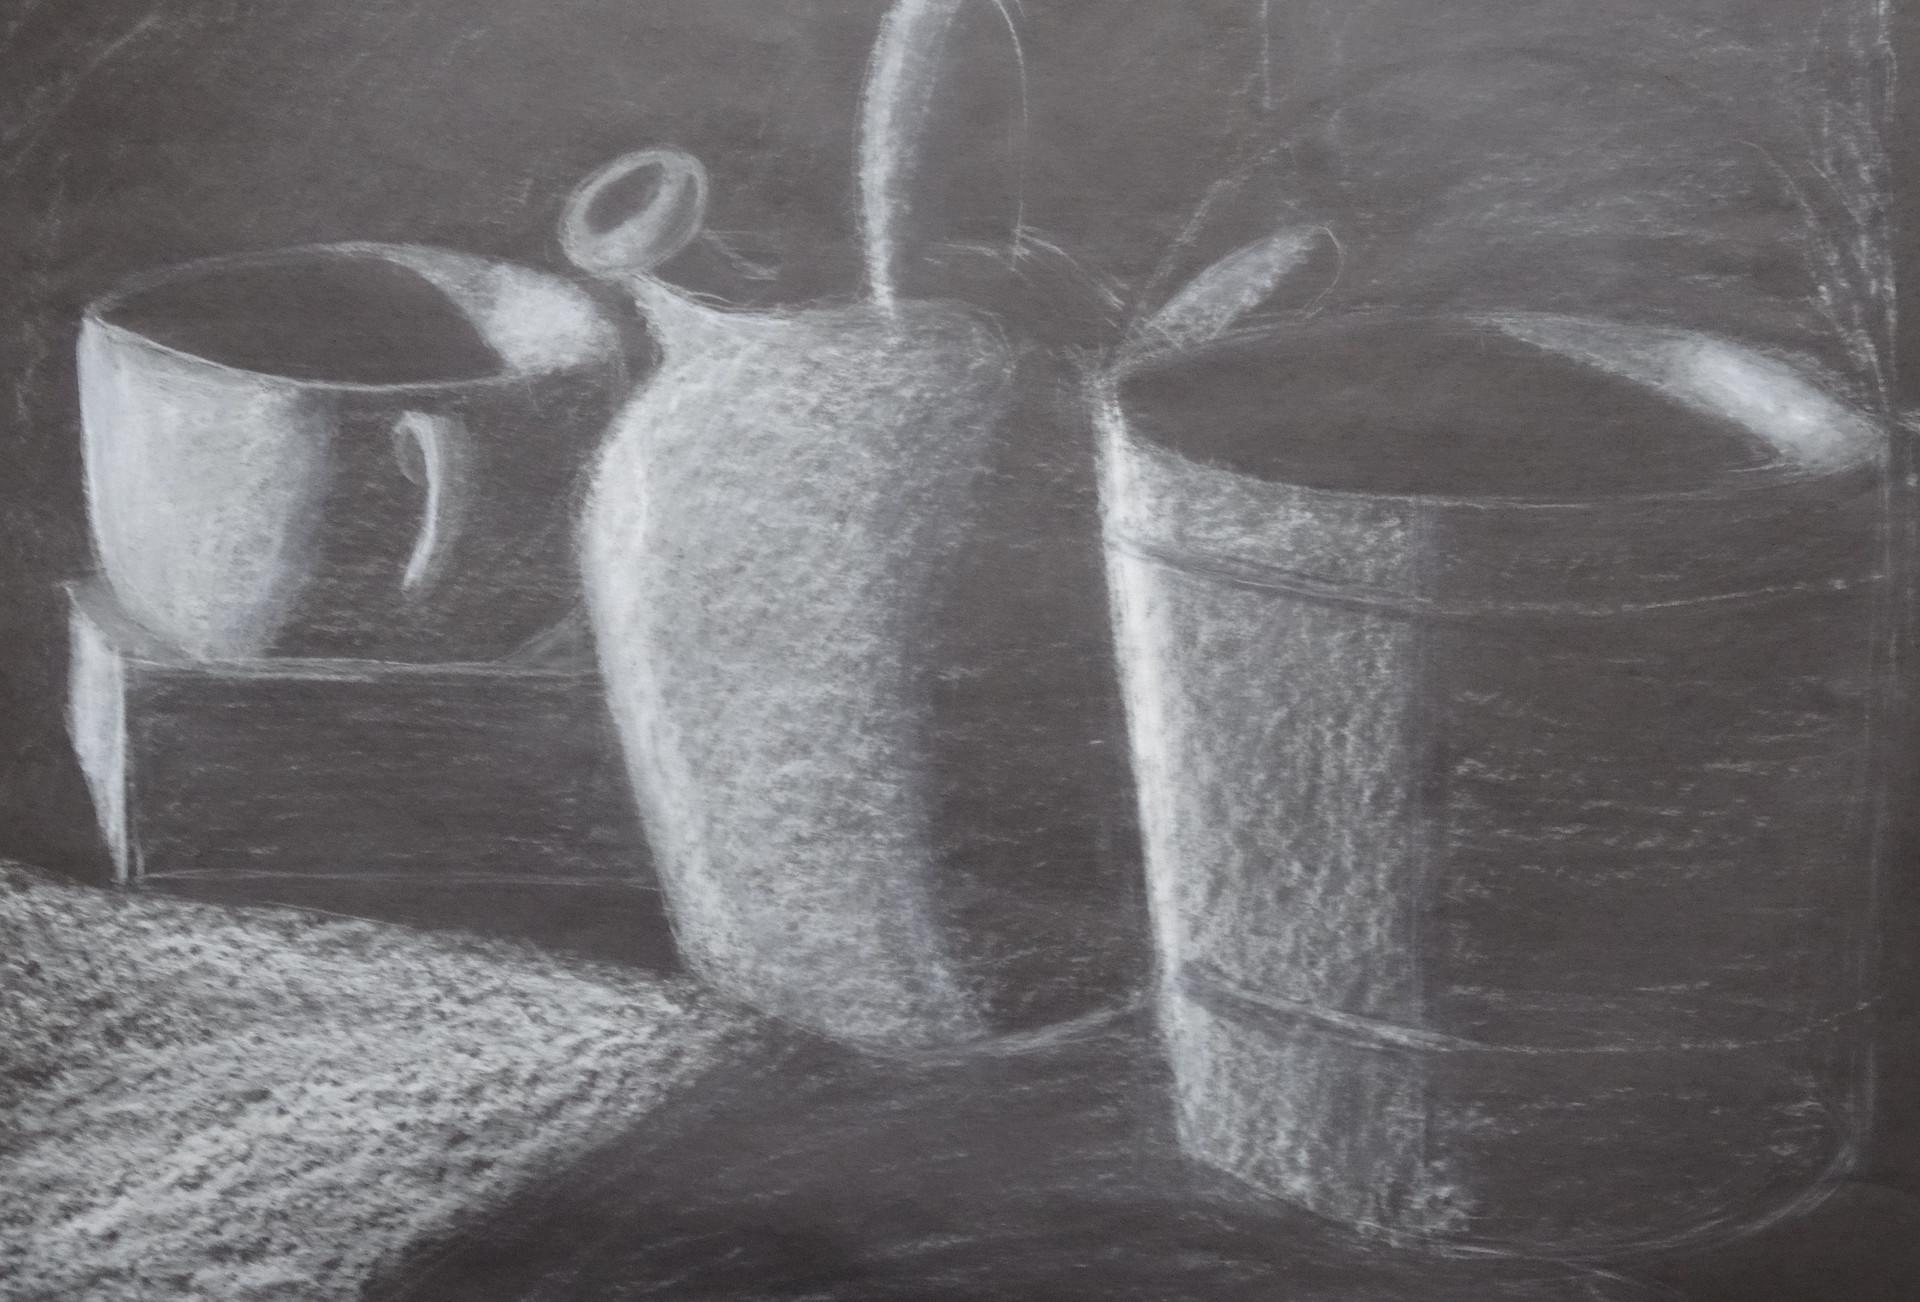 Ronald gardiner simple still life drawing